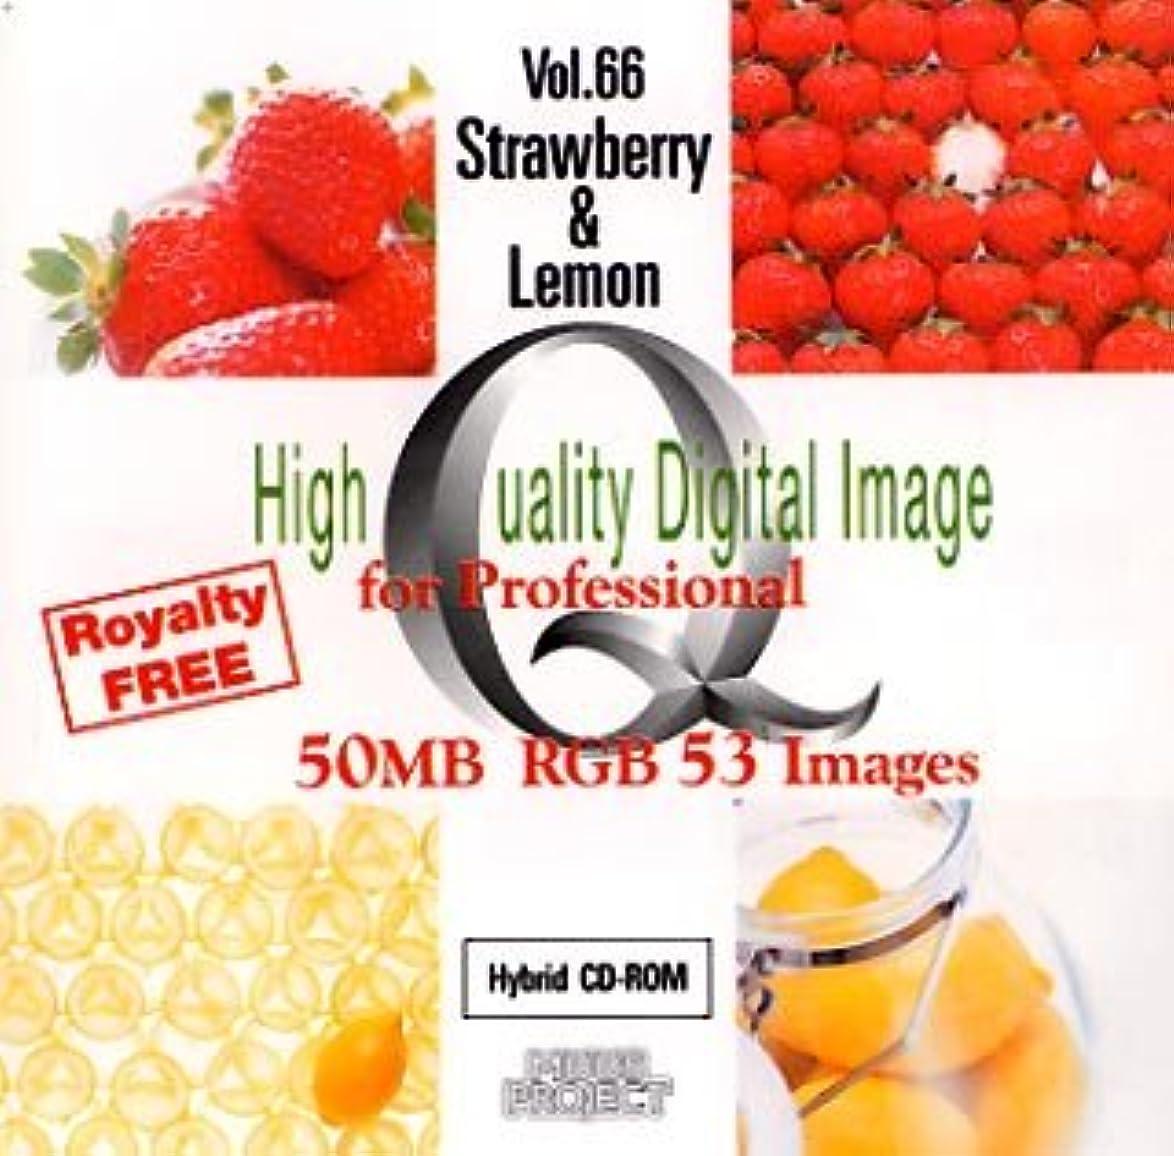 自動的に夜明けにパントリーHigh Quality Digital Image for Professional Vol.66 Strawberry & Lemon